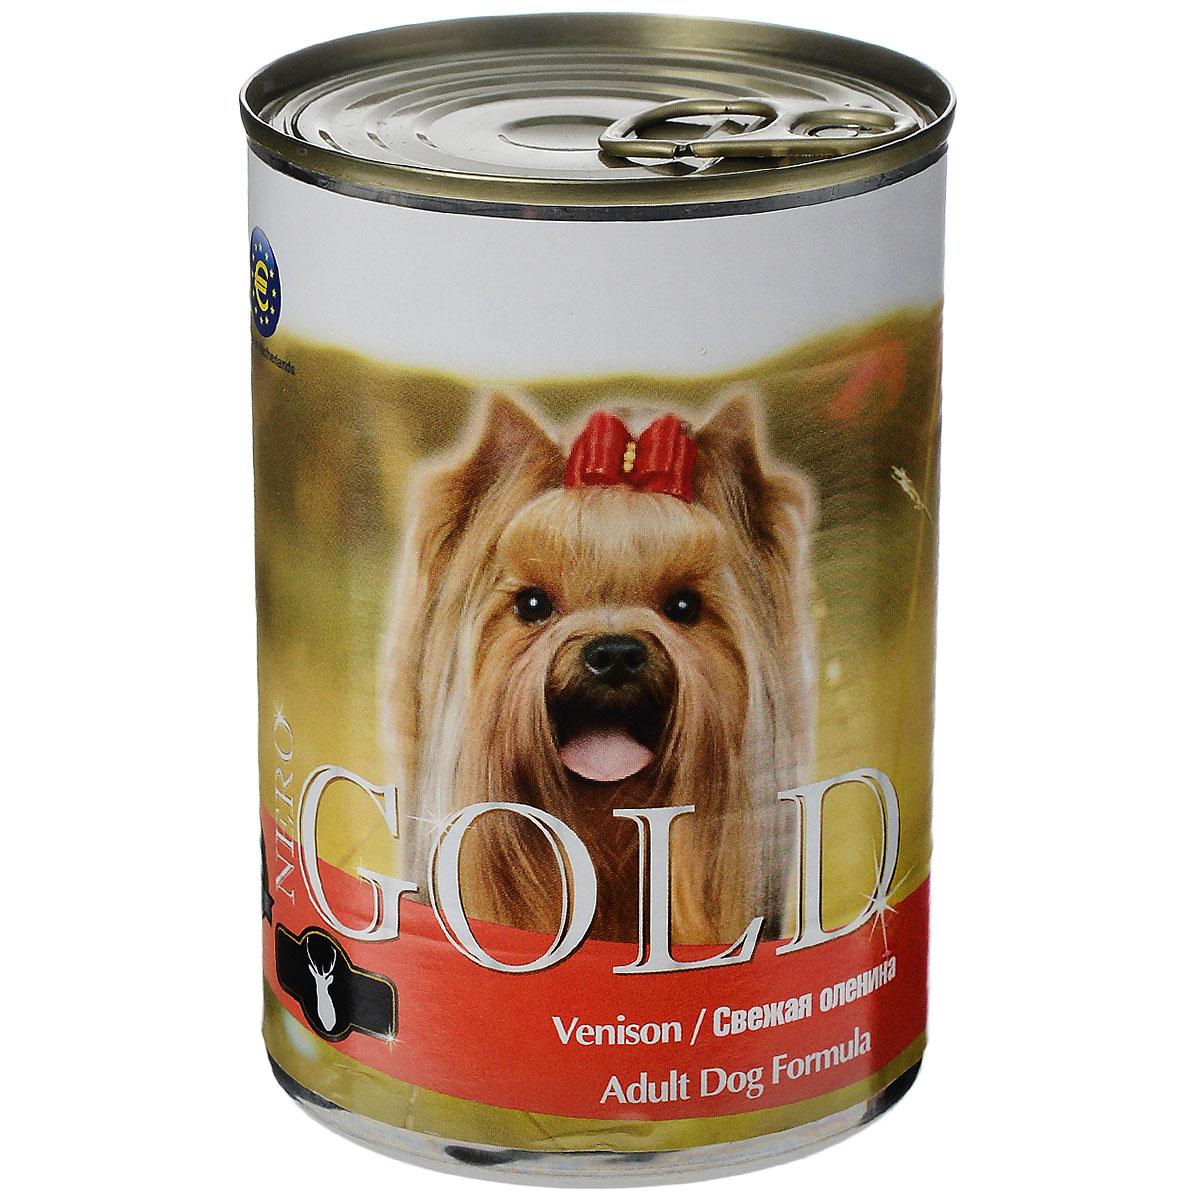 Консервы для собак Nero Gold, с олениной, 410 г10326Консервы для собак Nero Gold - полнорационный продукт, содержащий все необходимые витамины и минералы, сбалансированный для поддержания оптимального здоровья вашего питомца! Состав: мясо и его производные, филе курицы, оленина, злаки, витамины и минералы. Гарантированный анализ: белки 6,5%, жиры 4,5%, клетчатка 0,5%, зола 2%, влага 81%. Пищевые добавки на 1 кг продукта: витамин А 1600 МЕ, витамин D 140 МЕ, витамин Е 10 МЕ, железо 24 мг, марганец 6 мг, цинк 15 мг, медь 1 мг, магний 200 мг, йод 0,3 мг, селен 0,2 мг.Вес: 410 г. Товар сертифицирован.